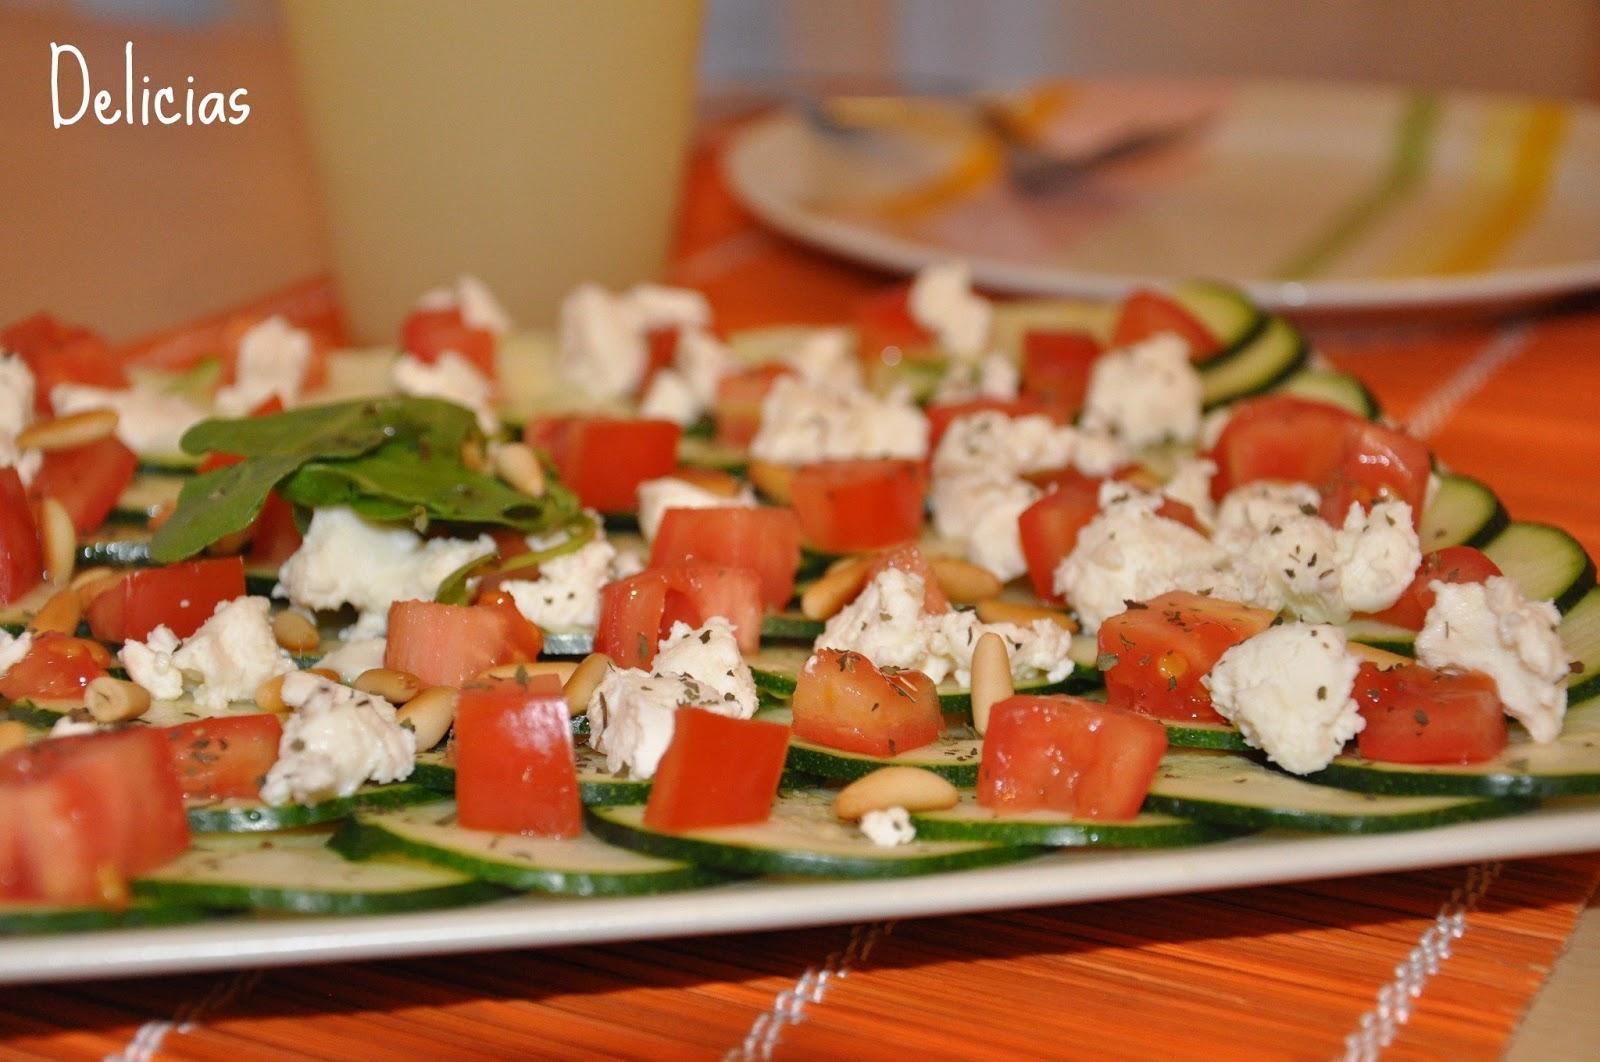 Carpaccio de calabacín, tomate y queso